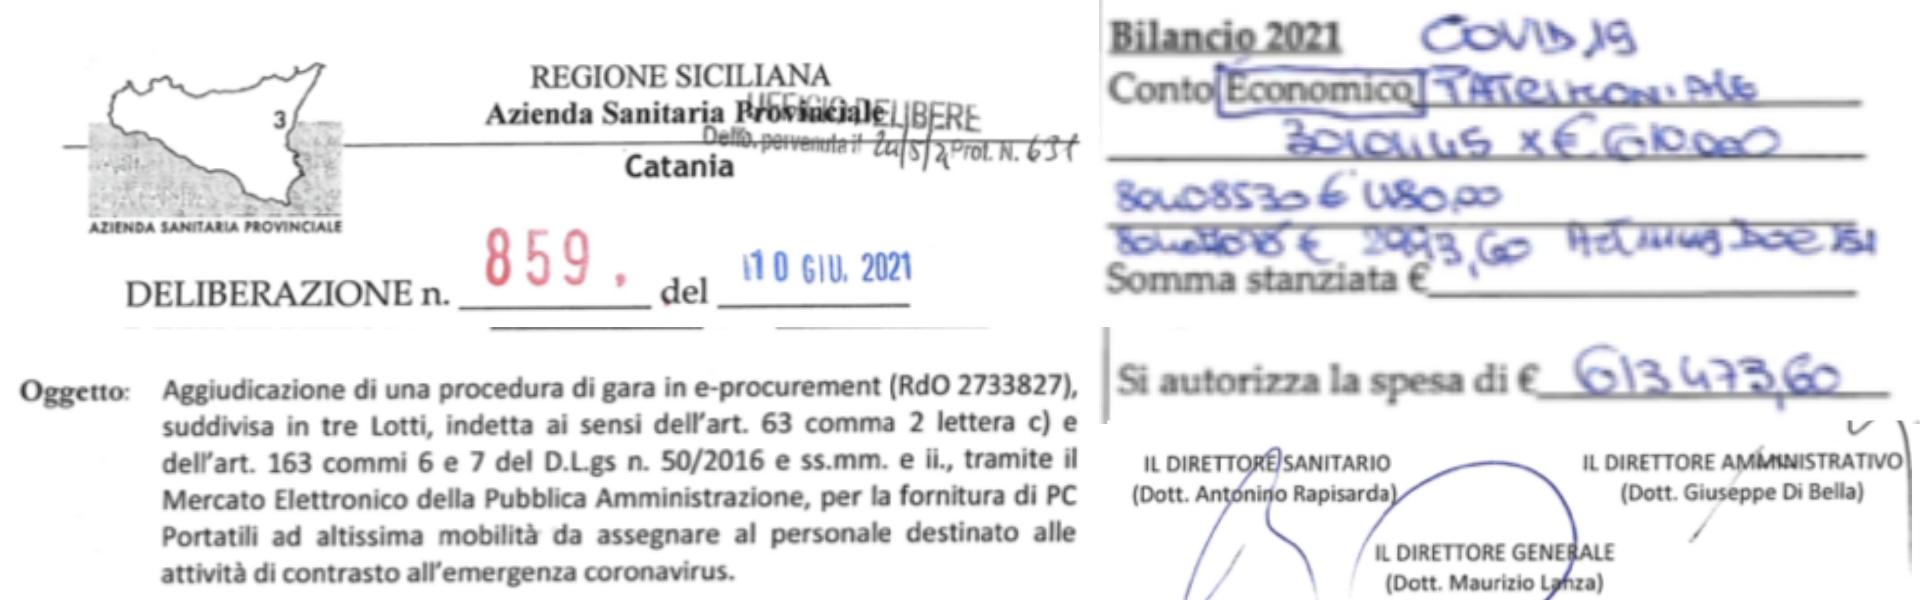 """ASP Catania e """"l'URGENTE NECESSITÁ"""": corso formativo sugli """"effetti della corruzione ai tempi del covid"""" pagato 7 mila euro con fondi...COVID"""